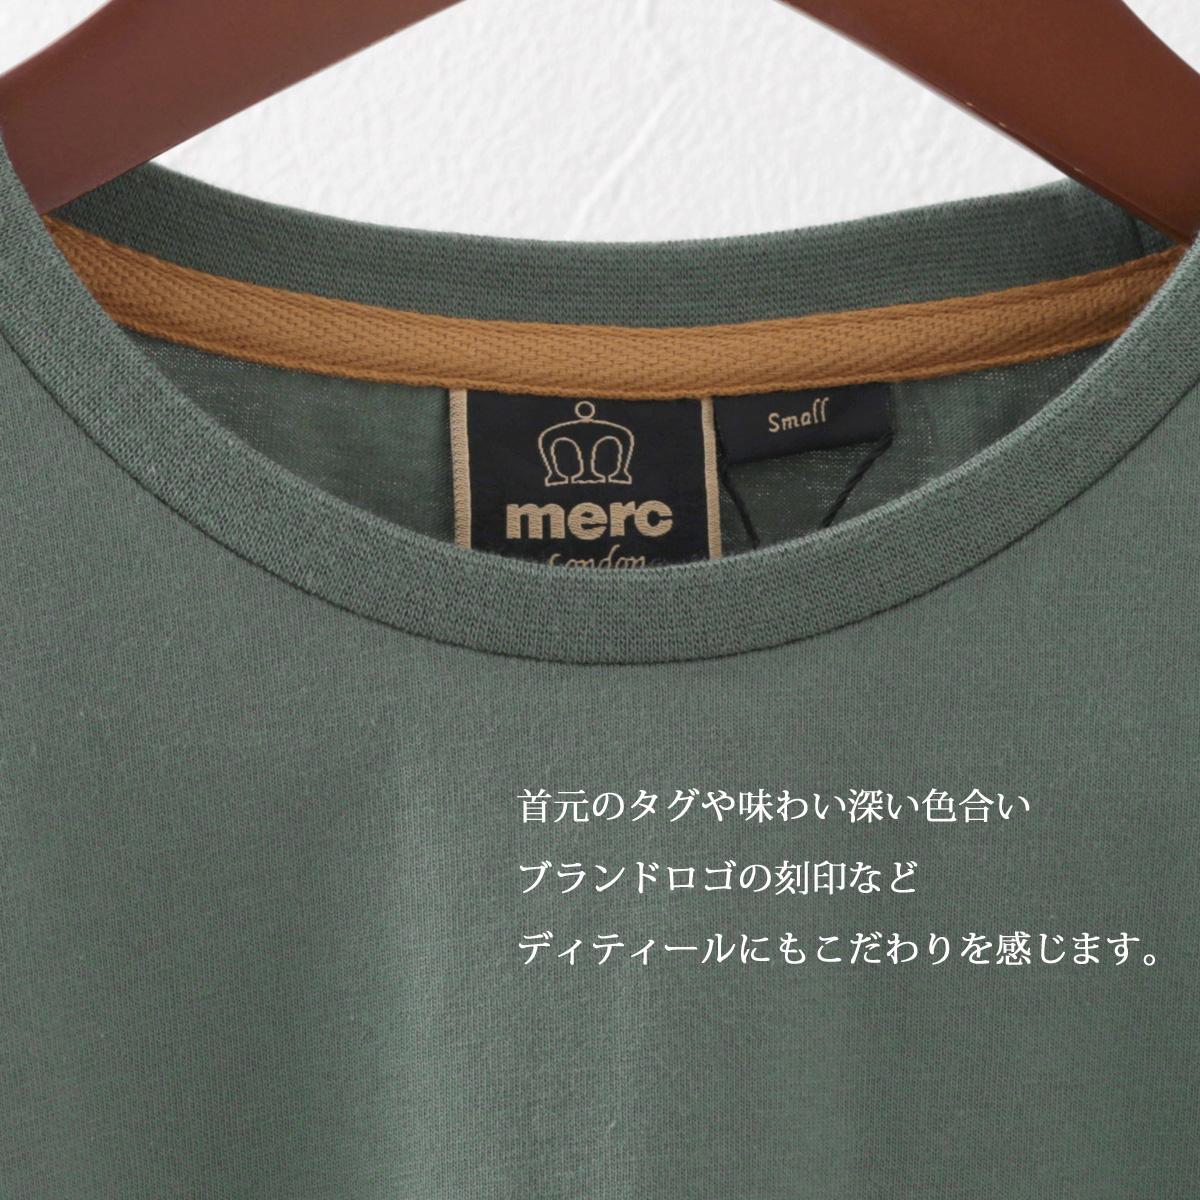 メルクロンドン メンズ Tシャツ コンバットグリーン Merc London グラフィック プリント モッズファッション プレゼント ギフト